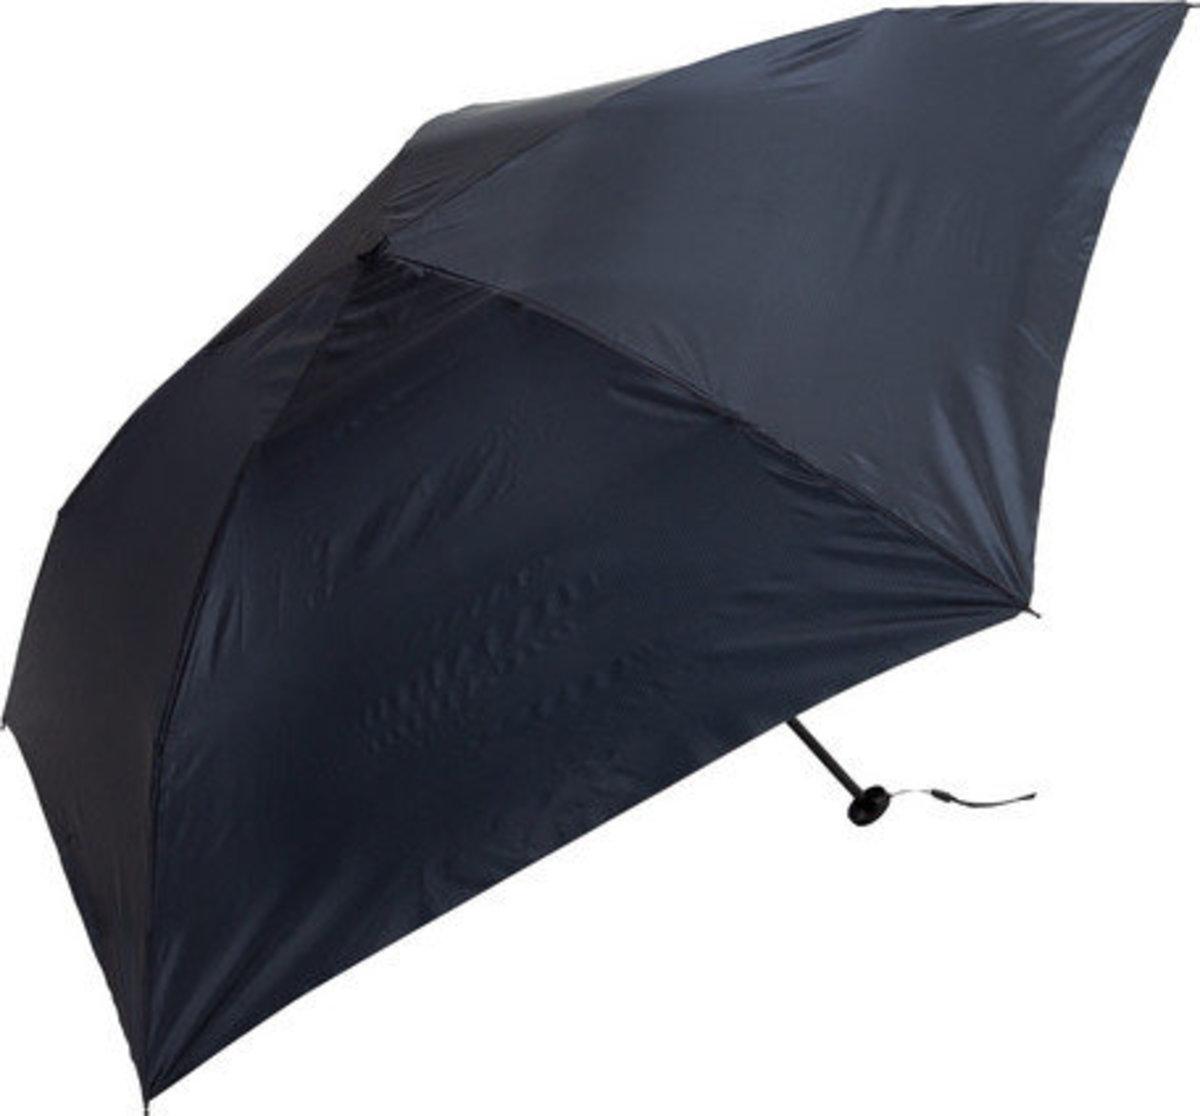 69g 極輕折疊雨傘(黑色)